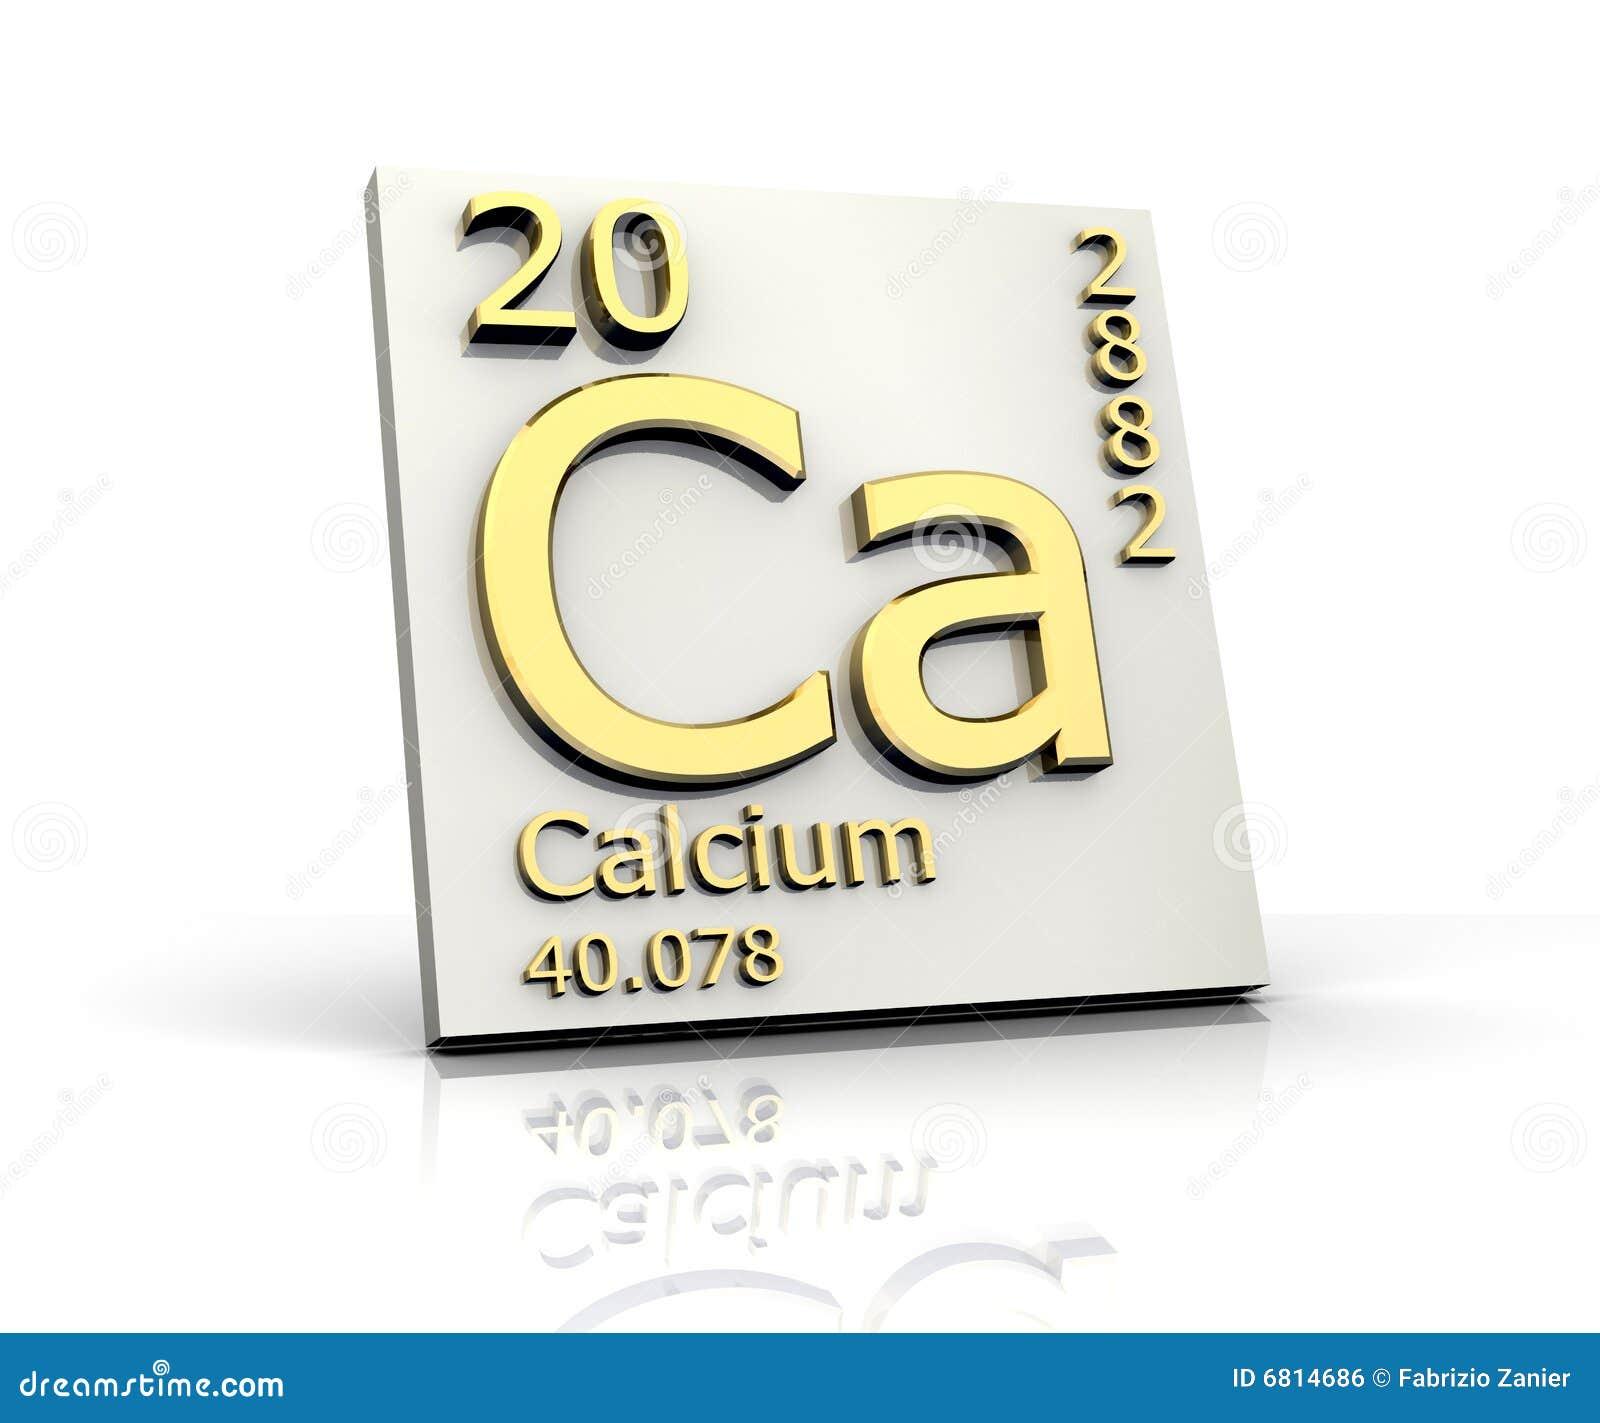 периодическая таблица формы элементов кальция